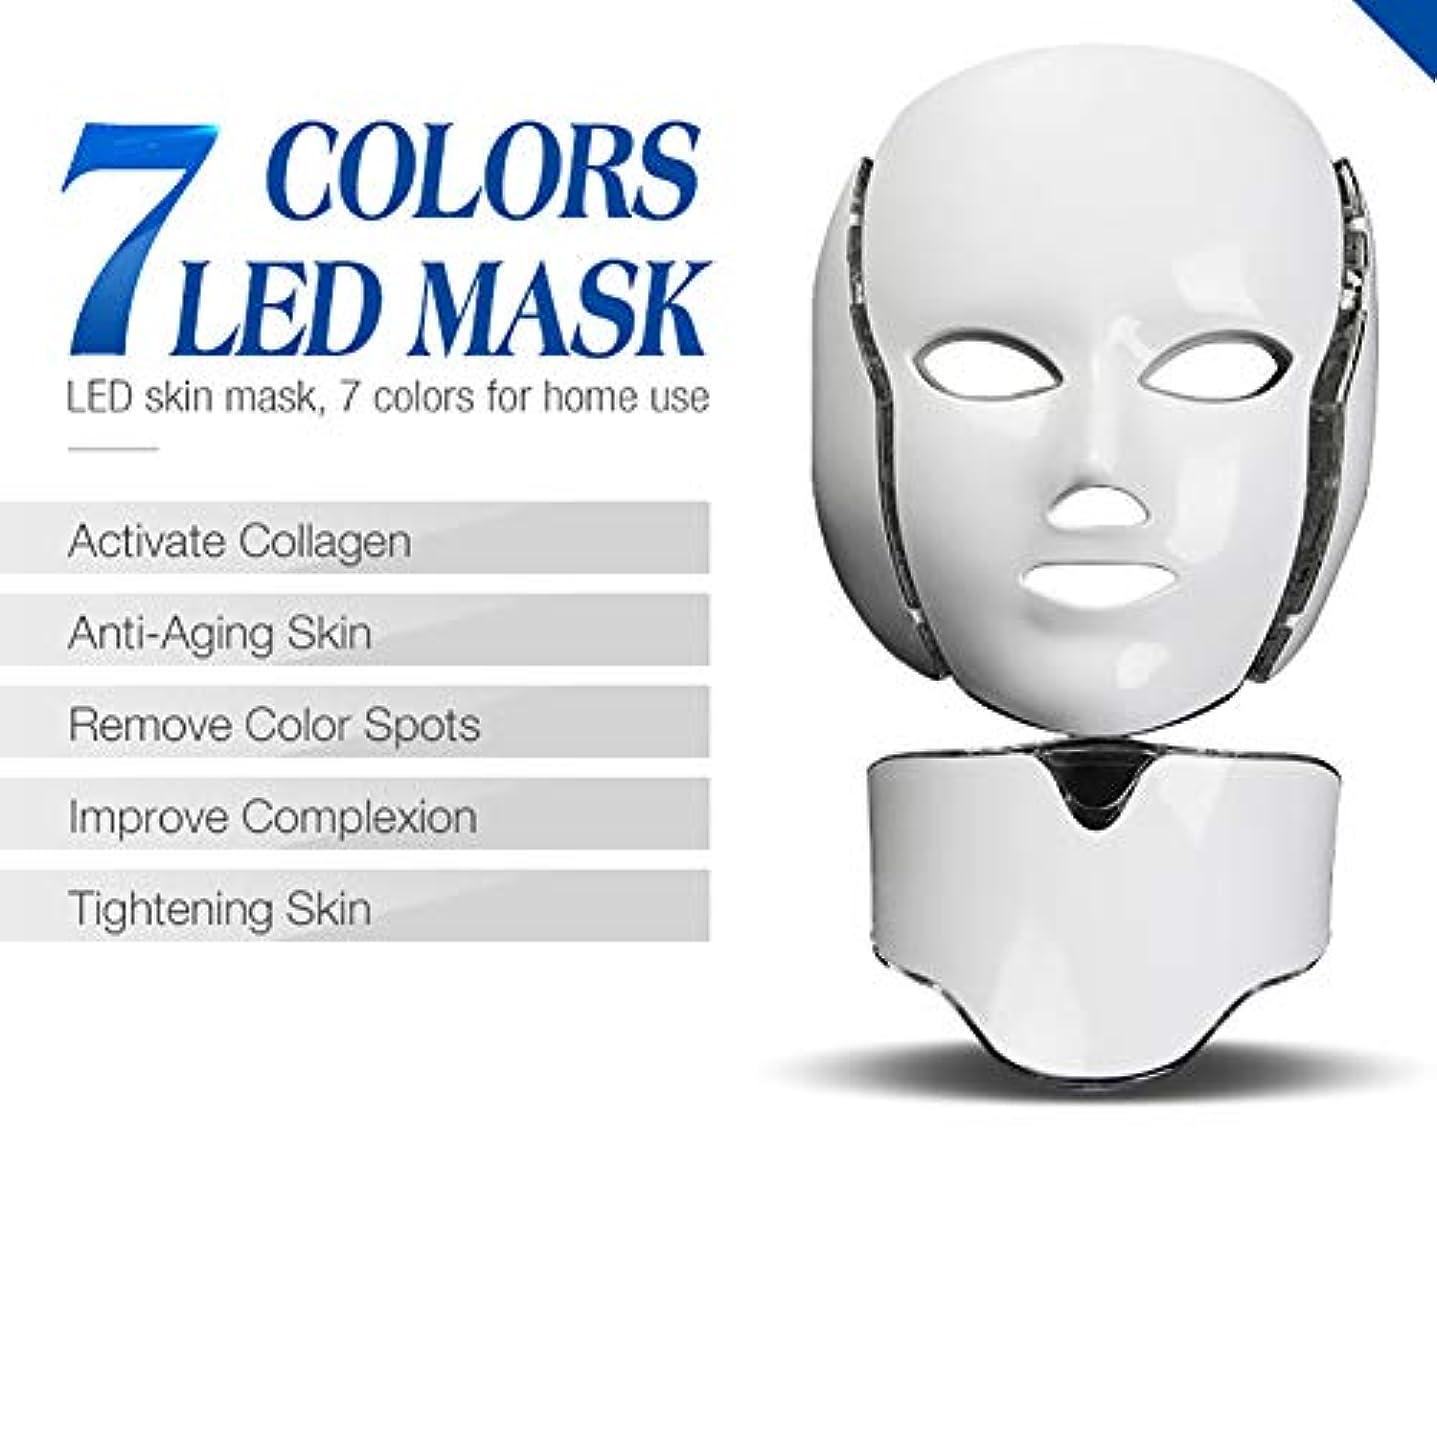 仕事に行く風邪をひくリハーサル7色ledフェイスマスク、7色電気ledフェイシャルマスク付きネック肌の若返り抗にきびシワ美容トリートメントサロンホームユース